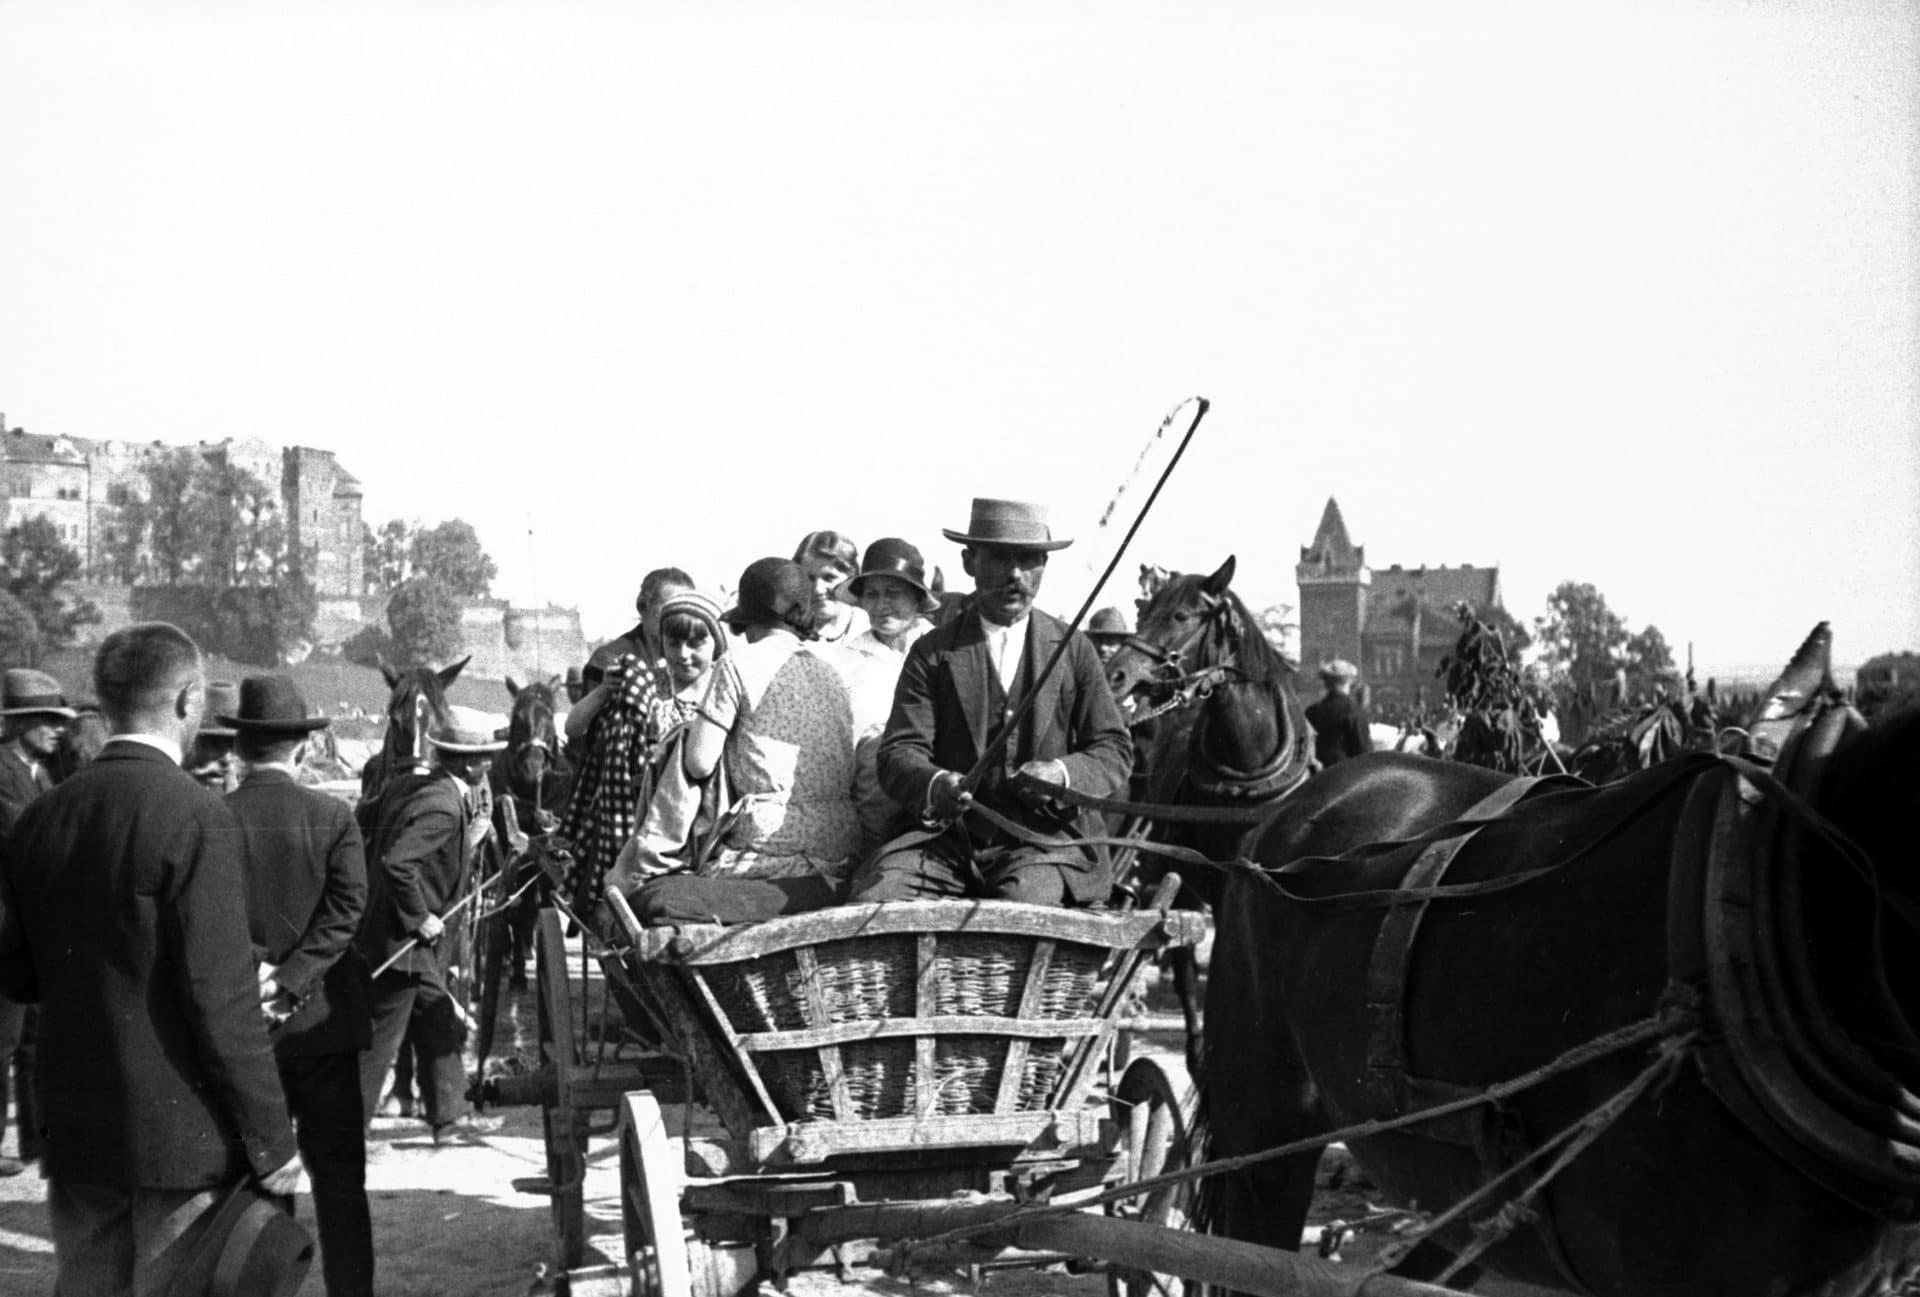 Wyjazd z przystani Groble na Bielany podczas Zielonych Świątek w Krakowie, 1931 r. Fot. Narodowe Archiwum Cyfrowe.